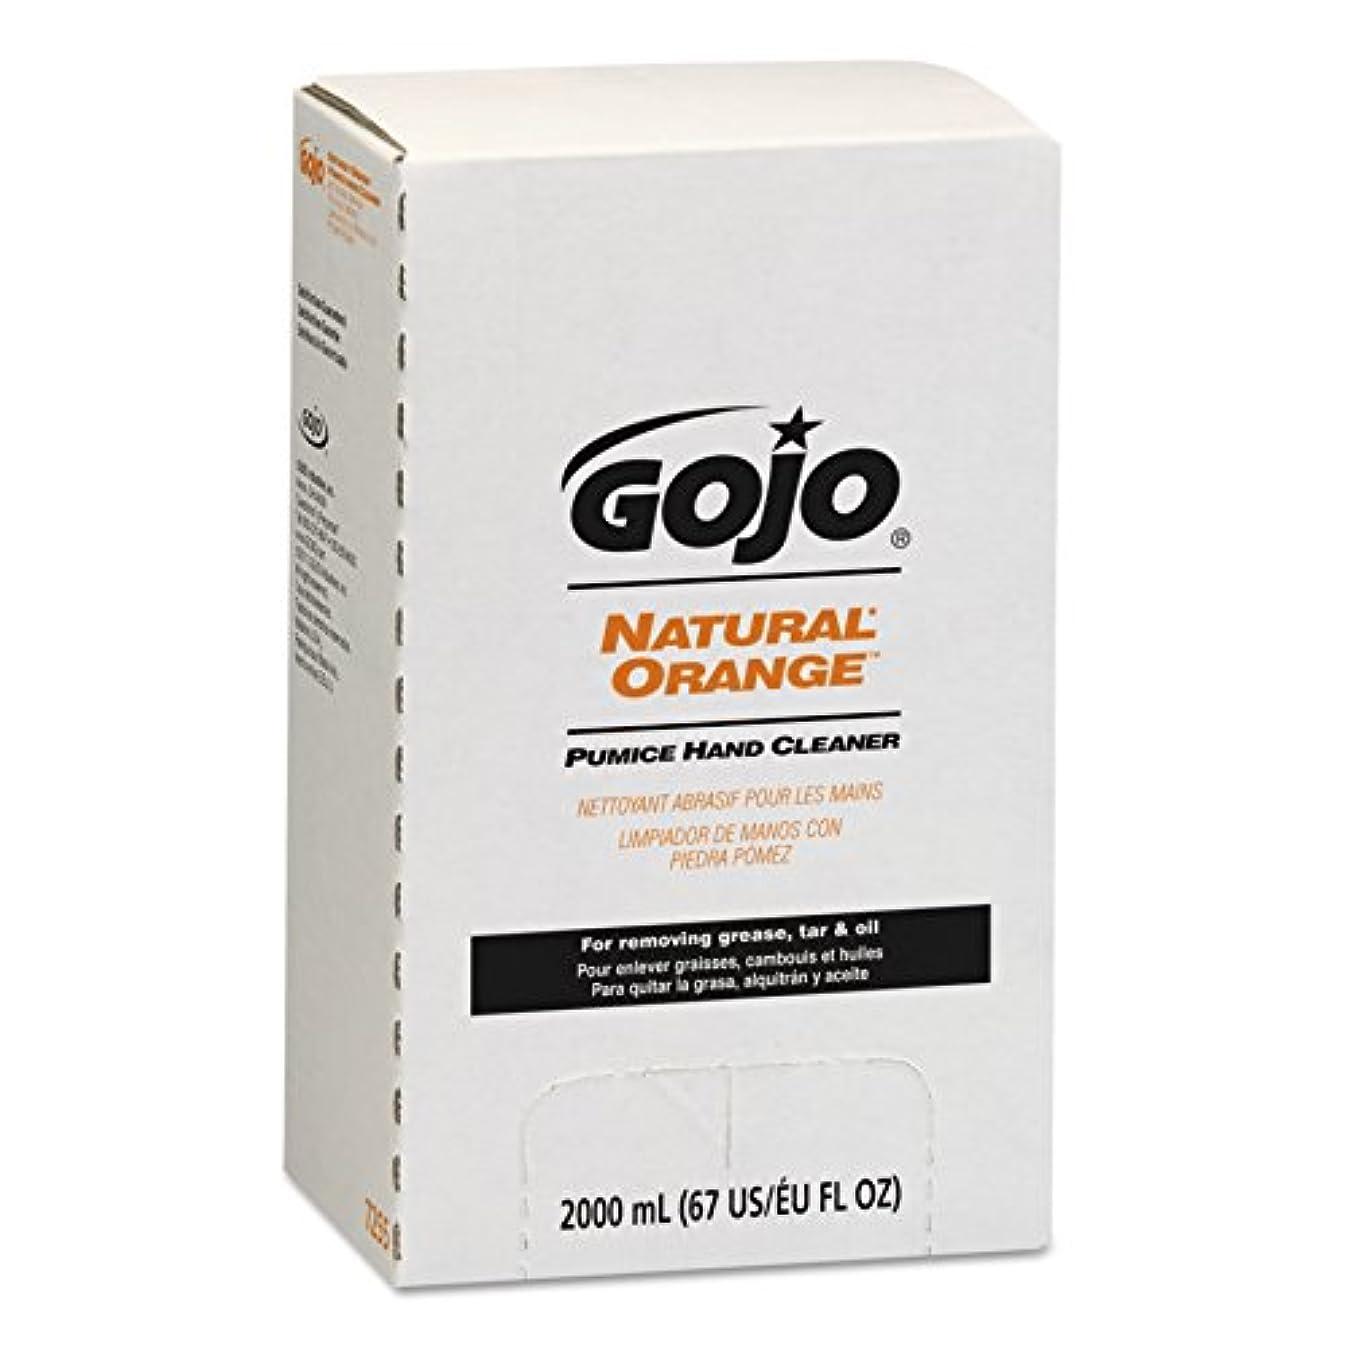 光景正午世論調査NATURAL ORANGE Pumice Hand Cleaner Refill, Citrus Scent, 2000 mL, 4/Carton (並行輸入品)